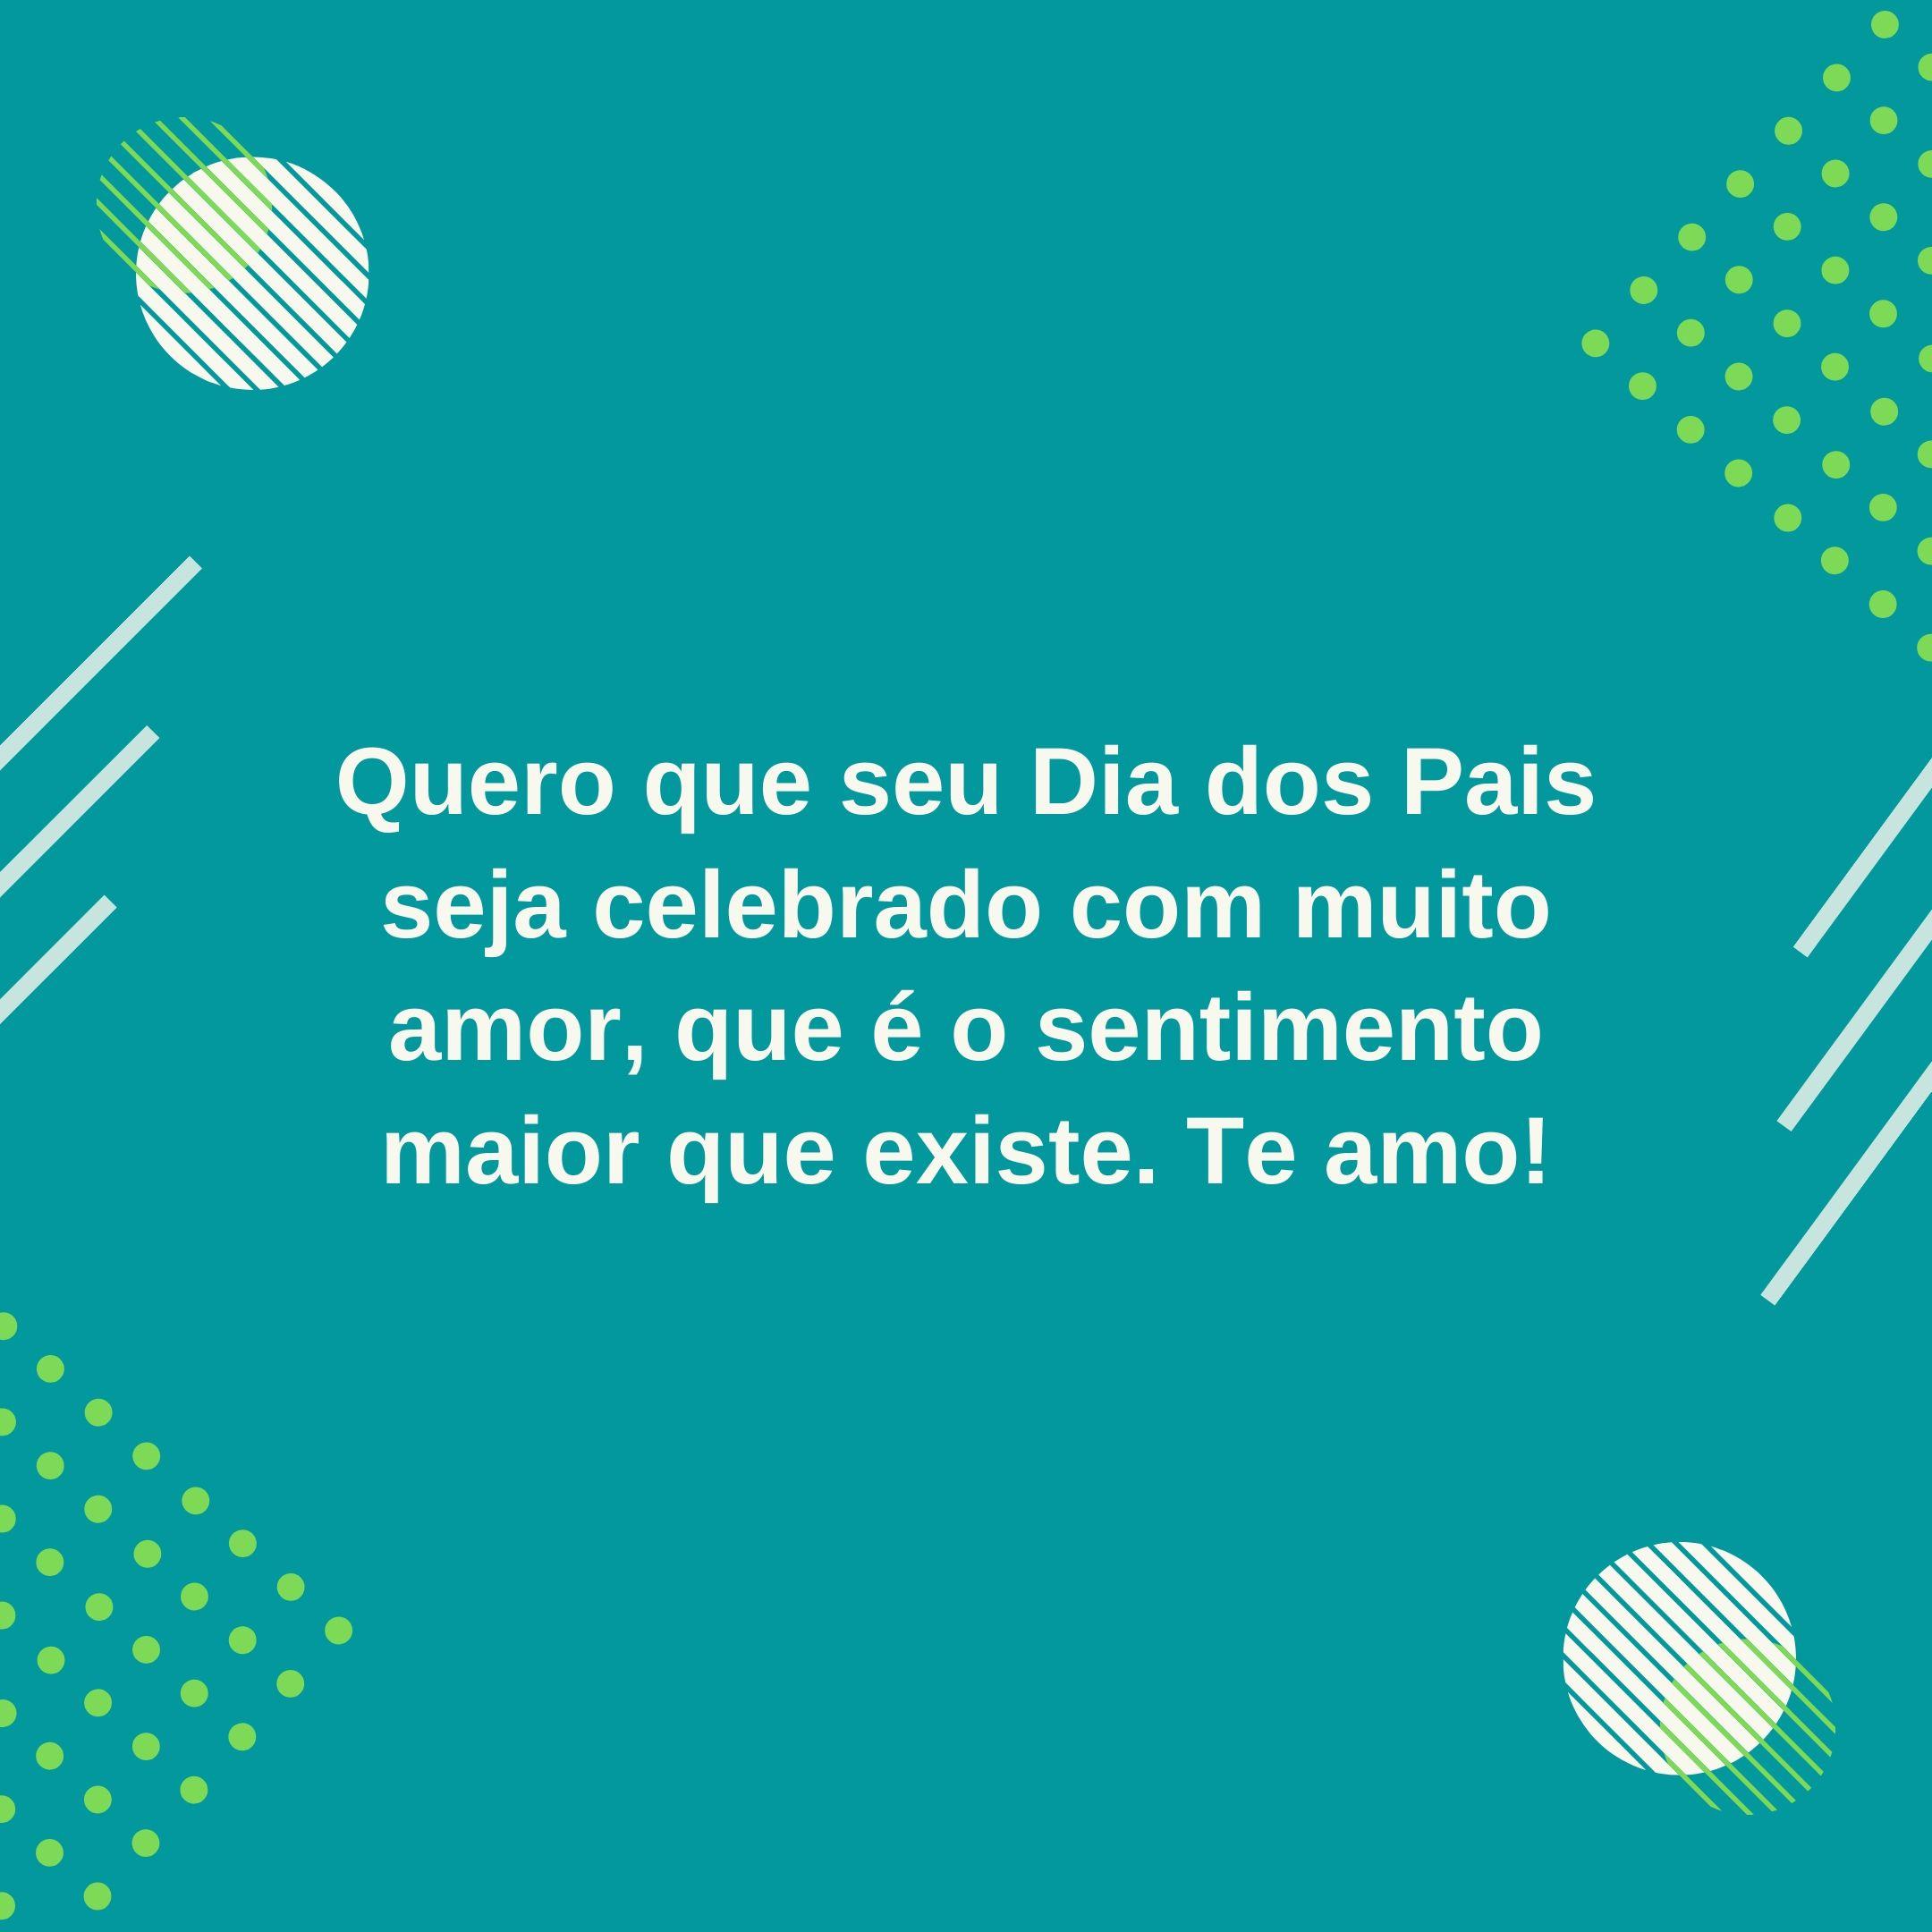 Quero que seu Dia dos Pais seja celebrado com muito amor, que é o sentimento maior que existe. Te amo!